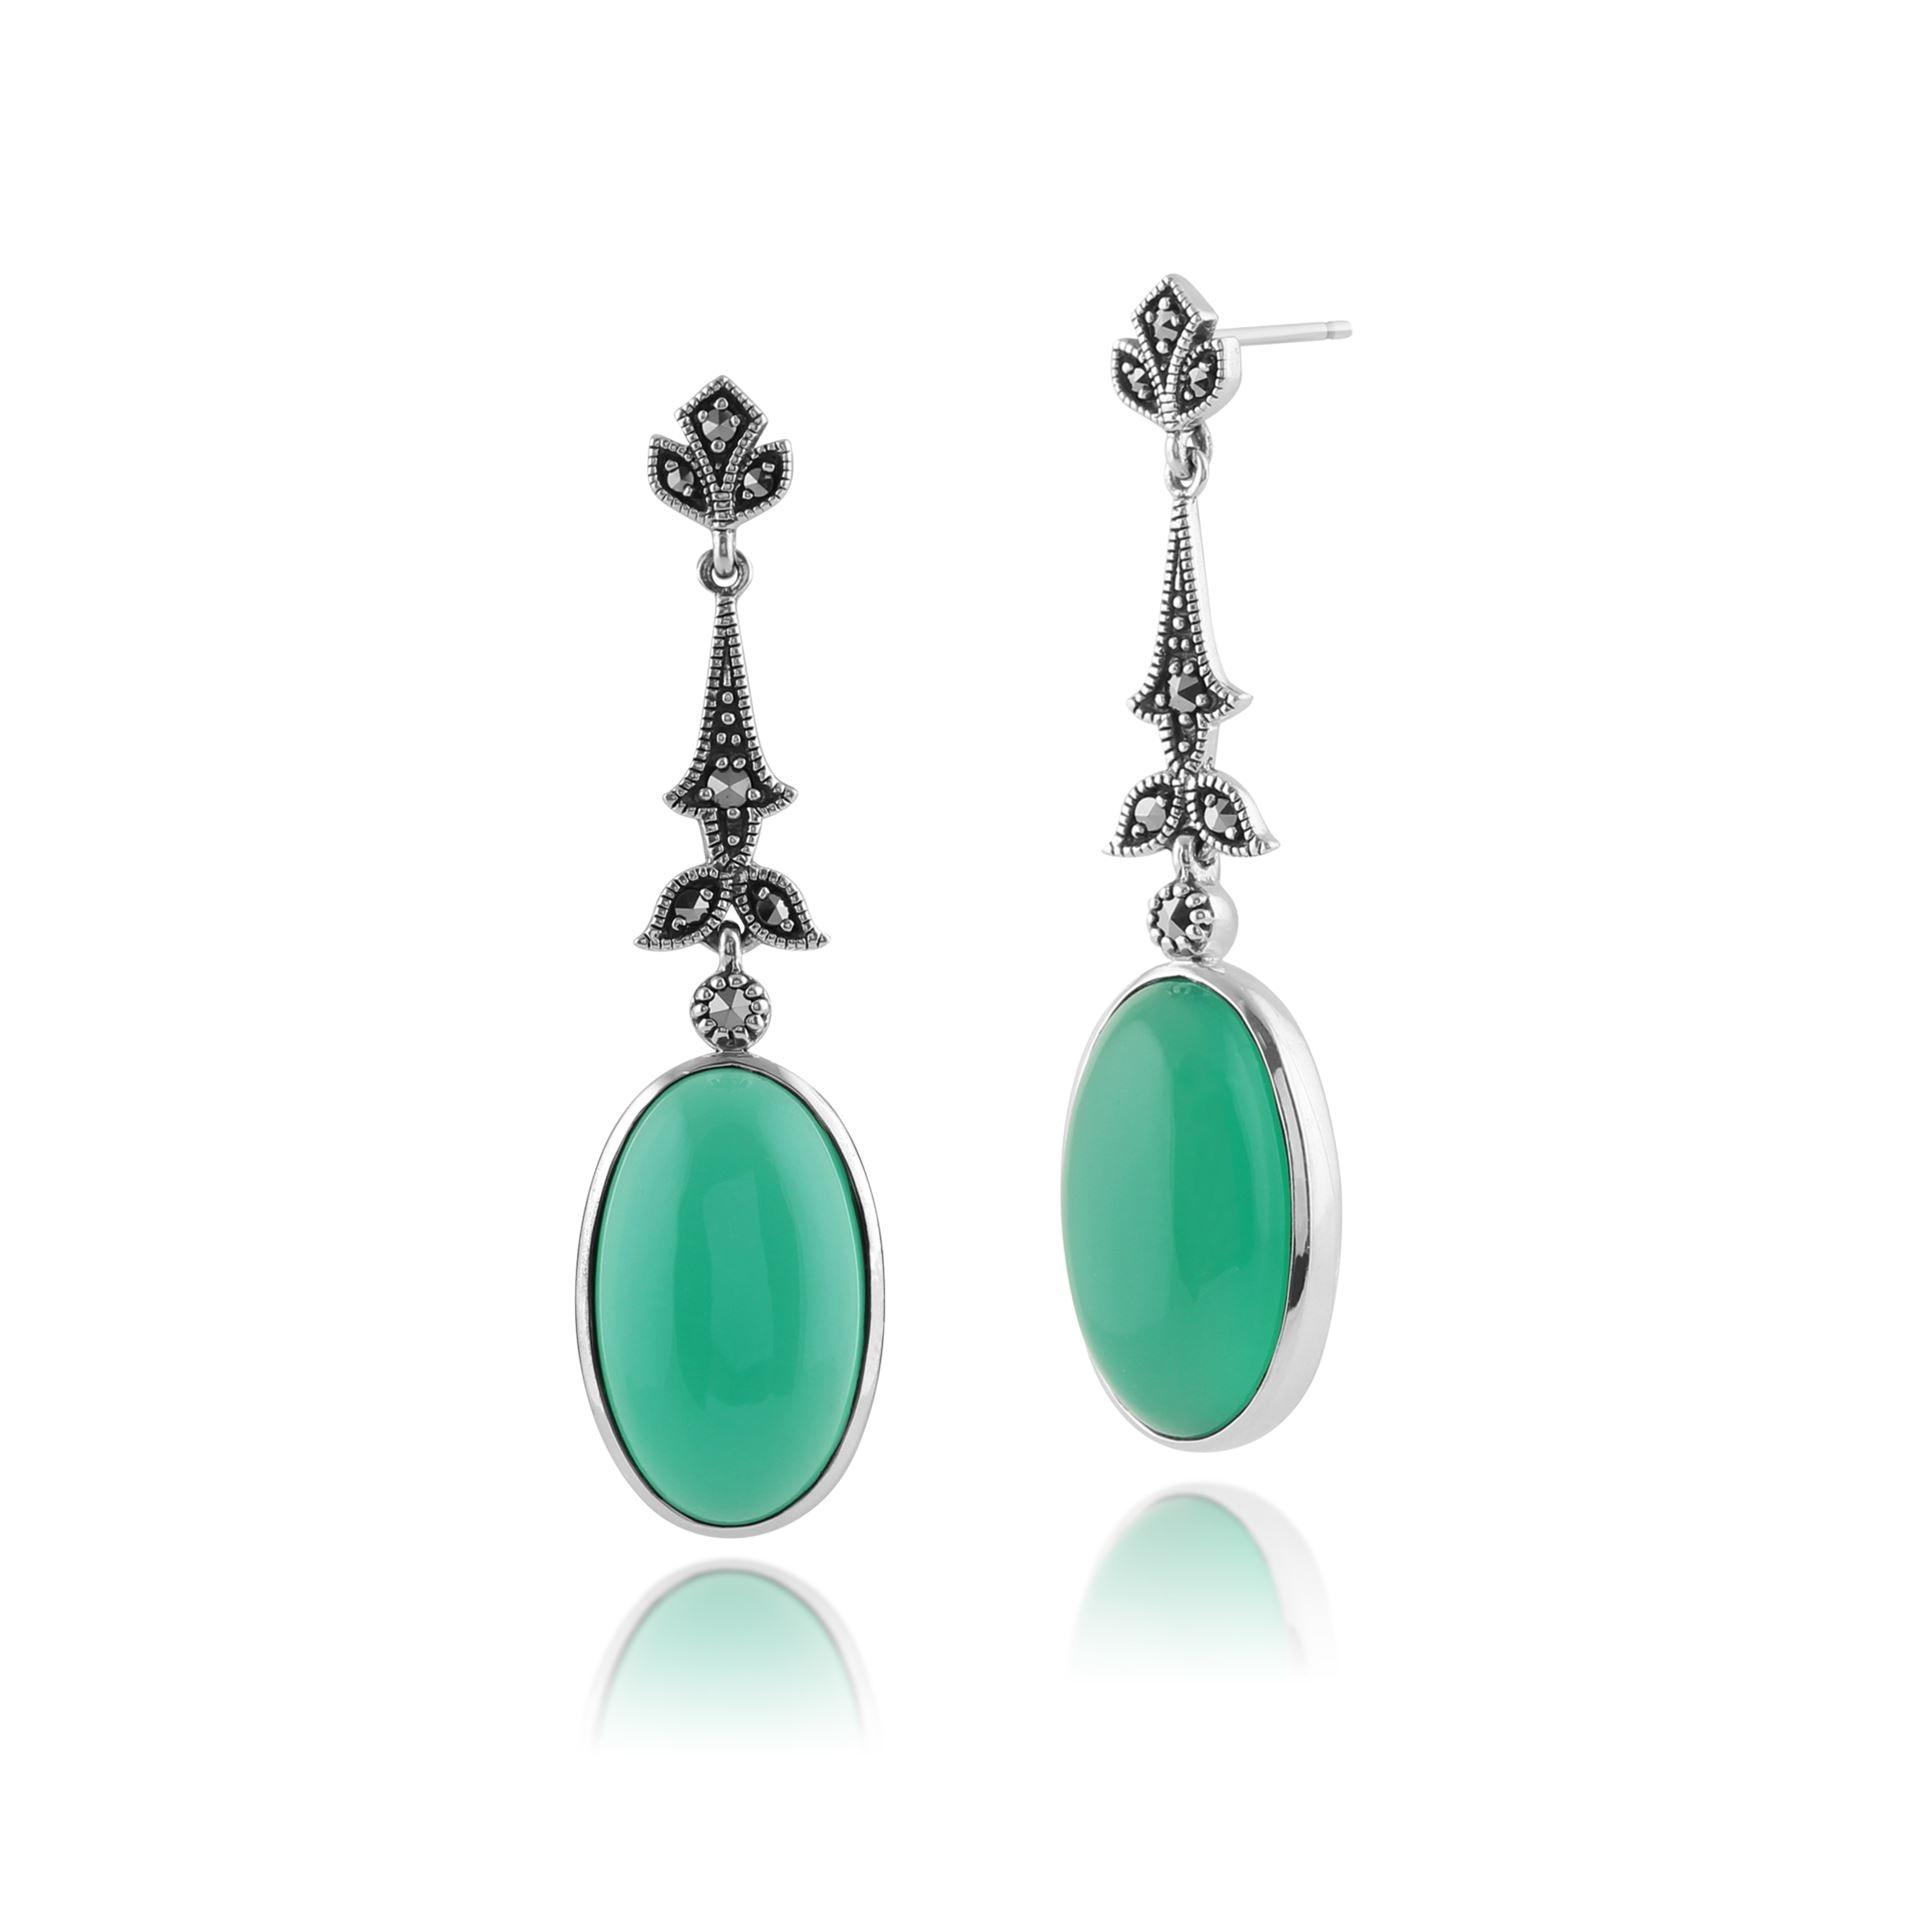 0066898 925 sterling silver green chalcedony marcasite art deco earrings 2